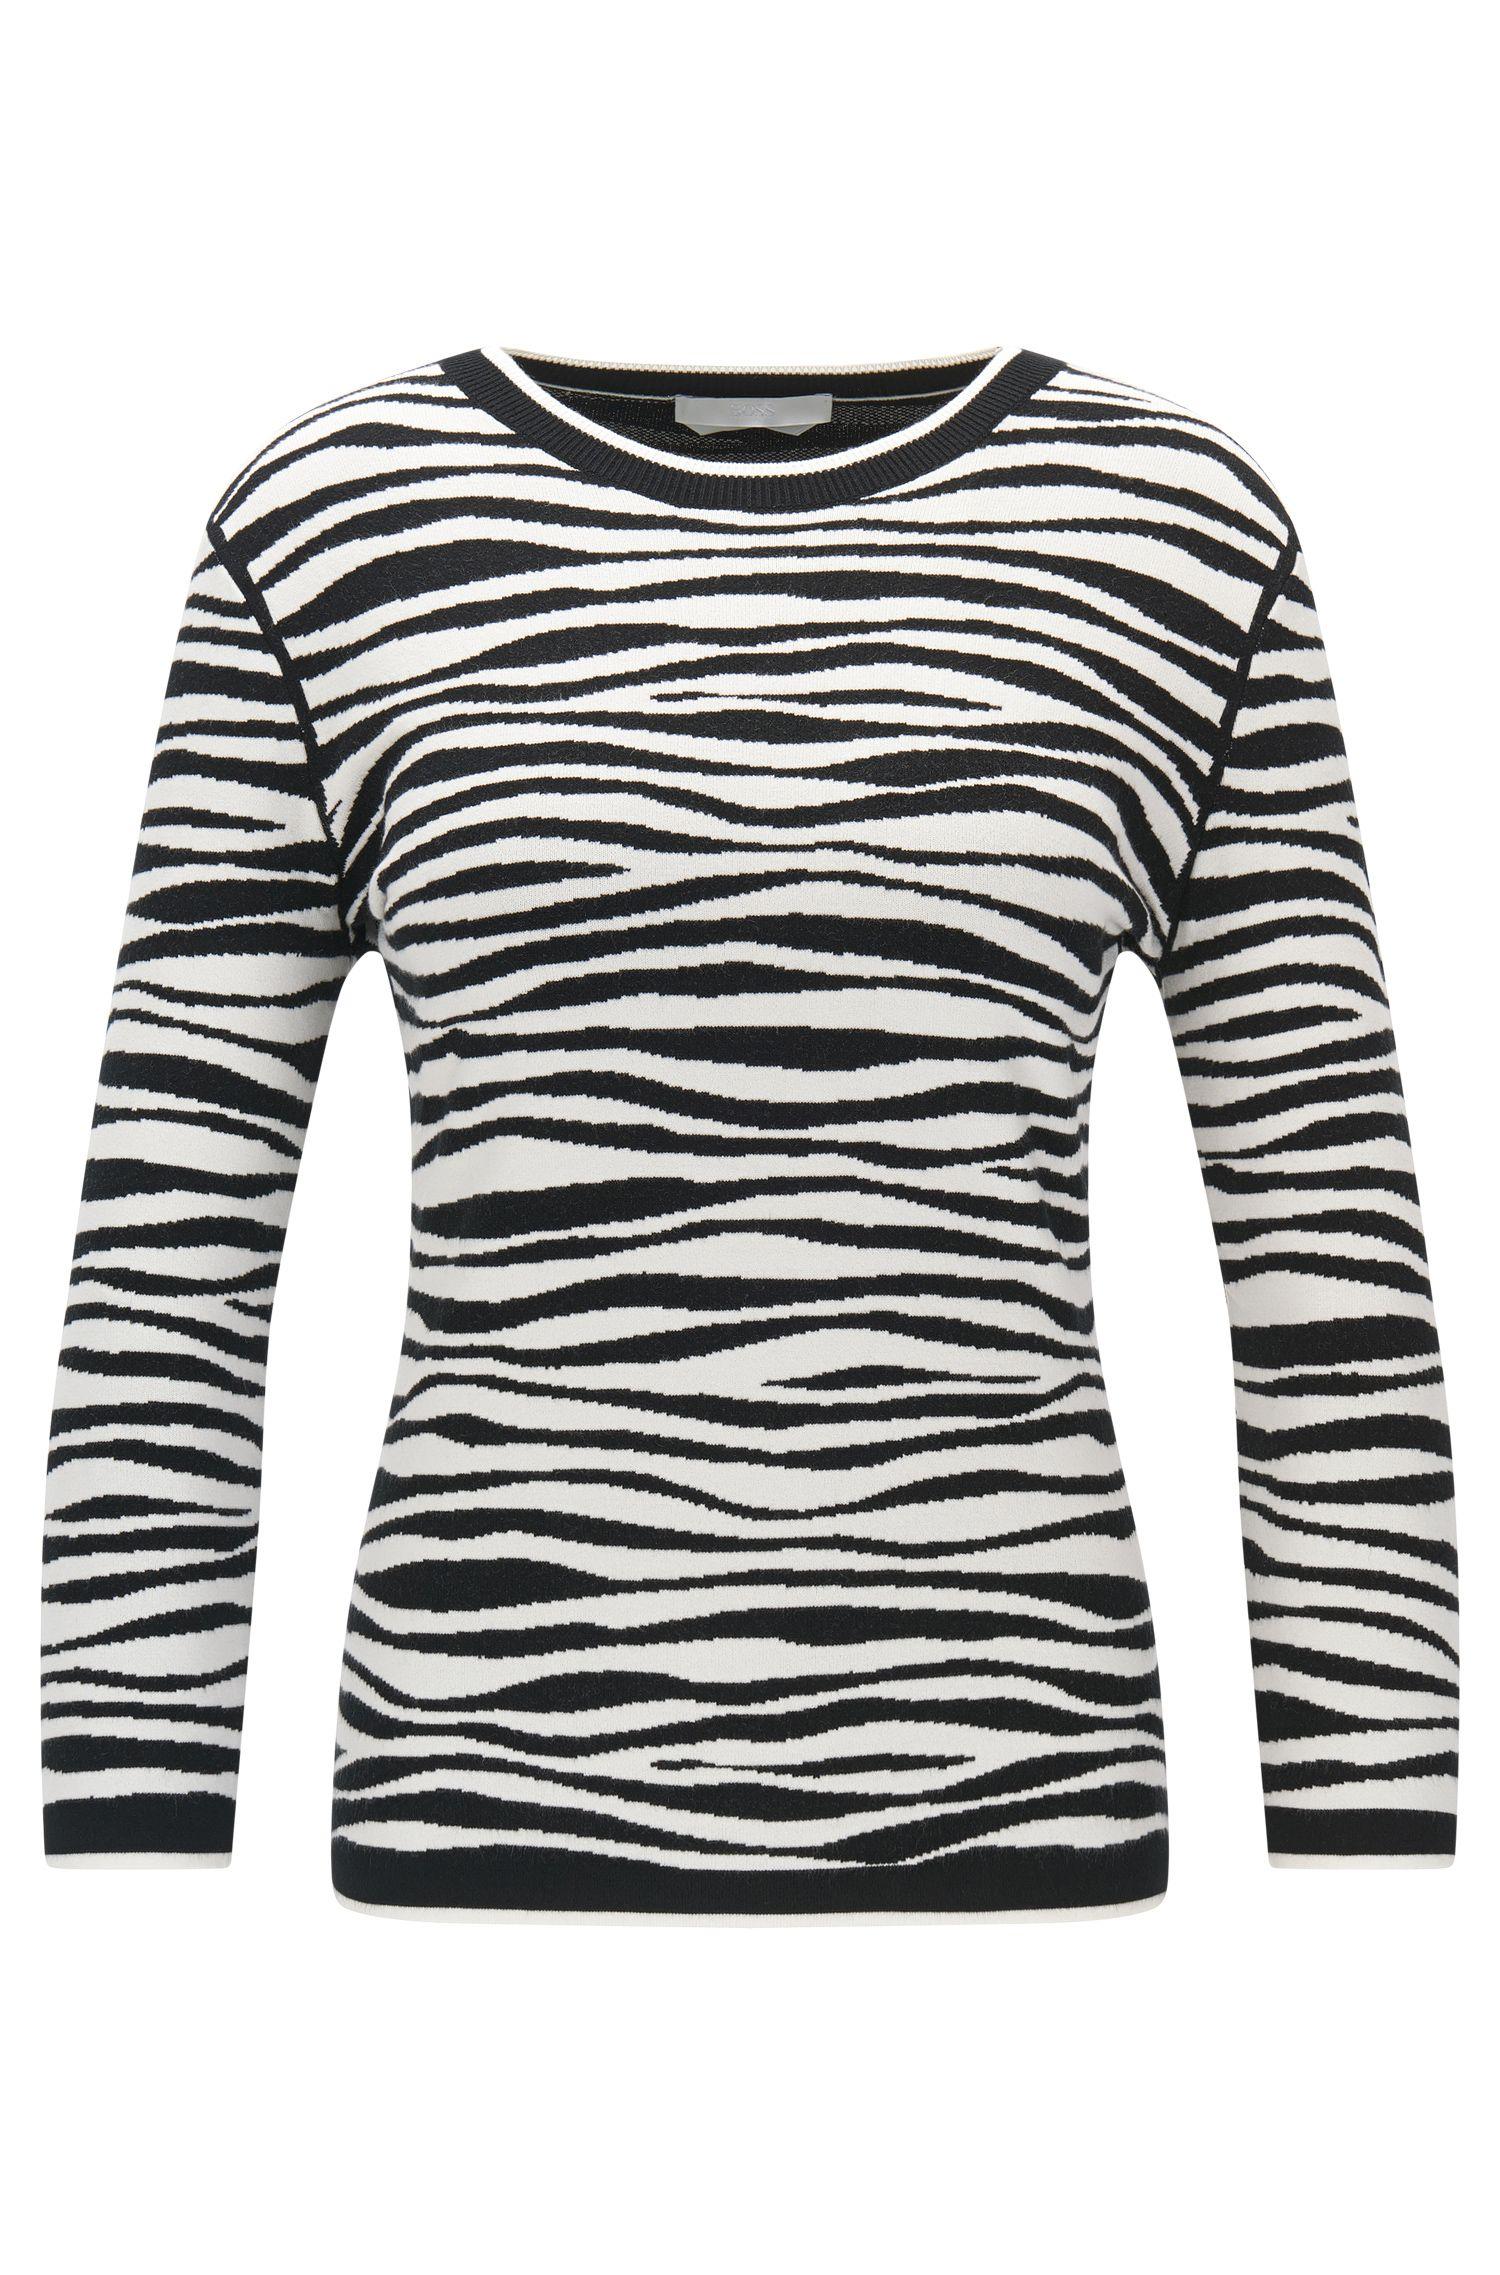 'Fatima' | Zebra Striped Italian Stretch Viscose Jacquard Sweater